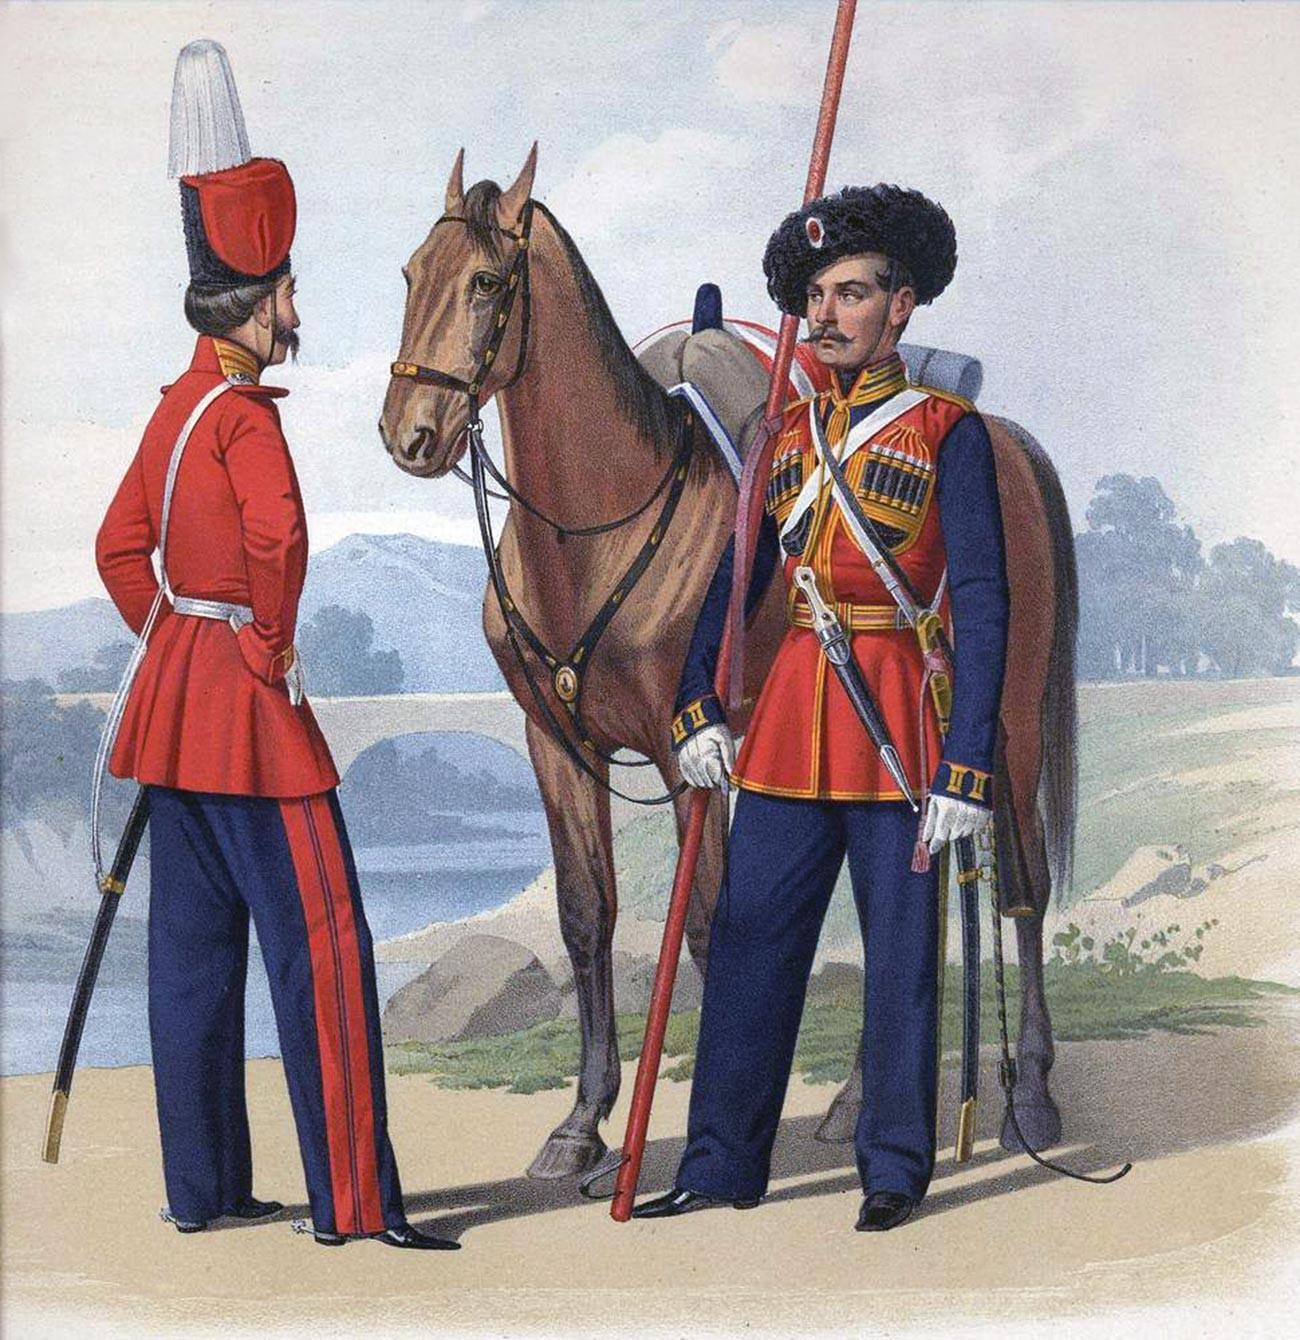 コサック部隊の兵士、1855年